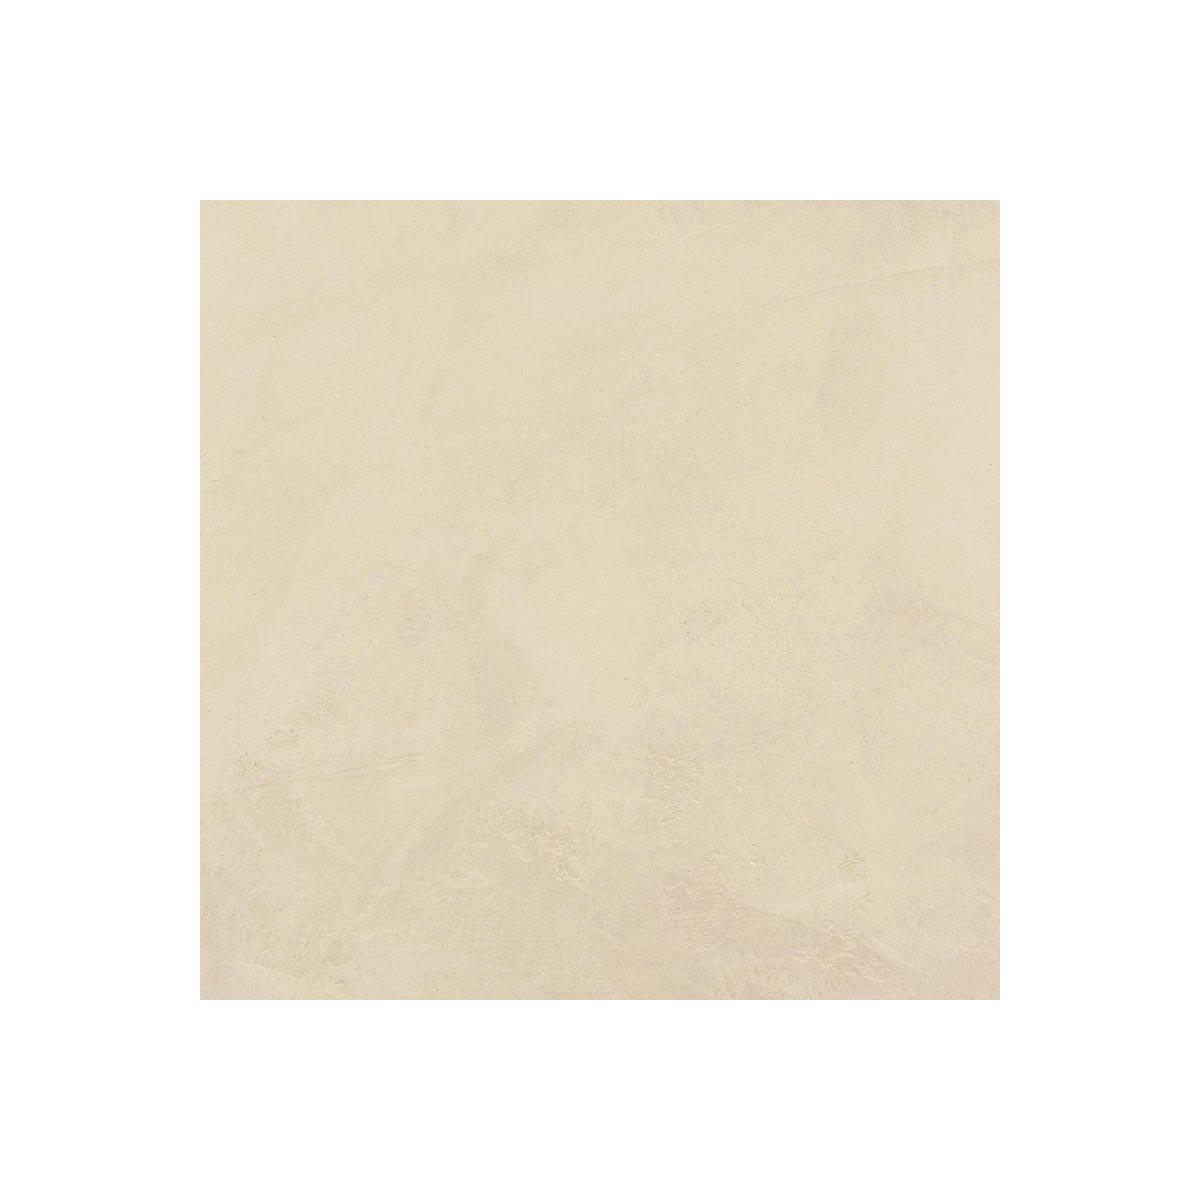 plan de travail beige revtement adhsif plan de travail cuisine style marbre beige with plan de. Black Bedroom Furniture Sets. Home Design Ideas